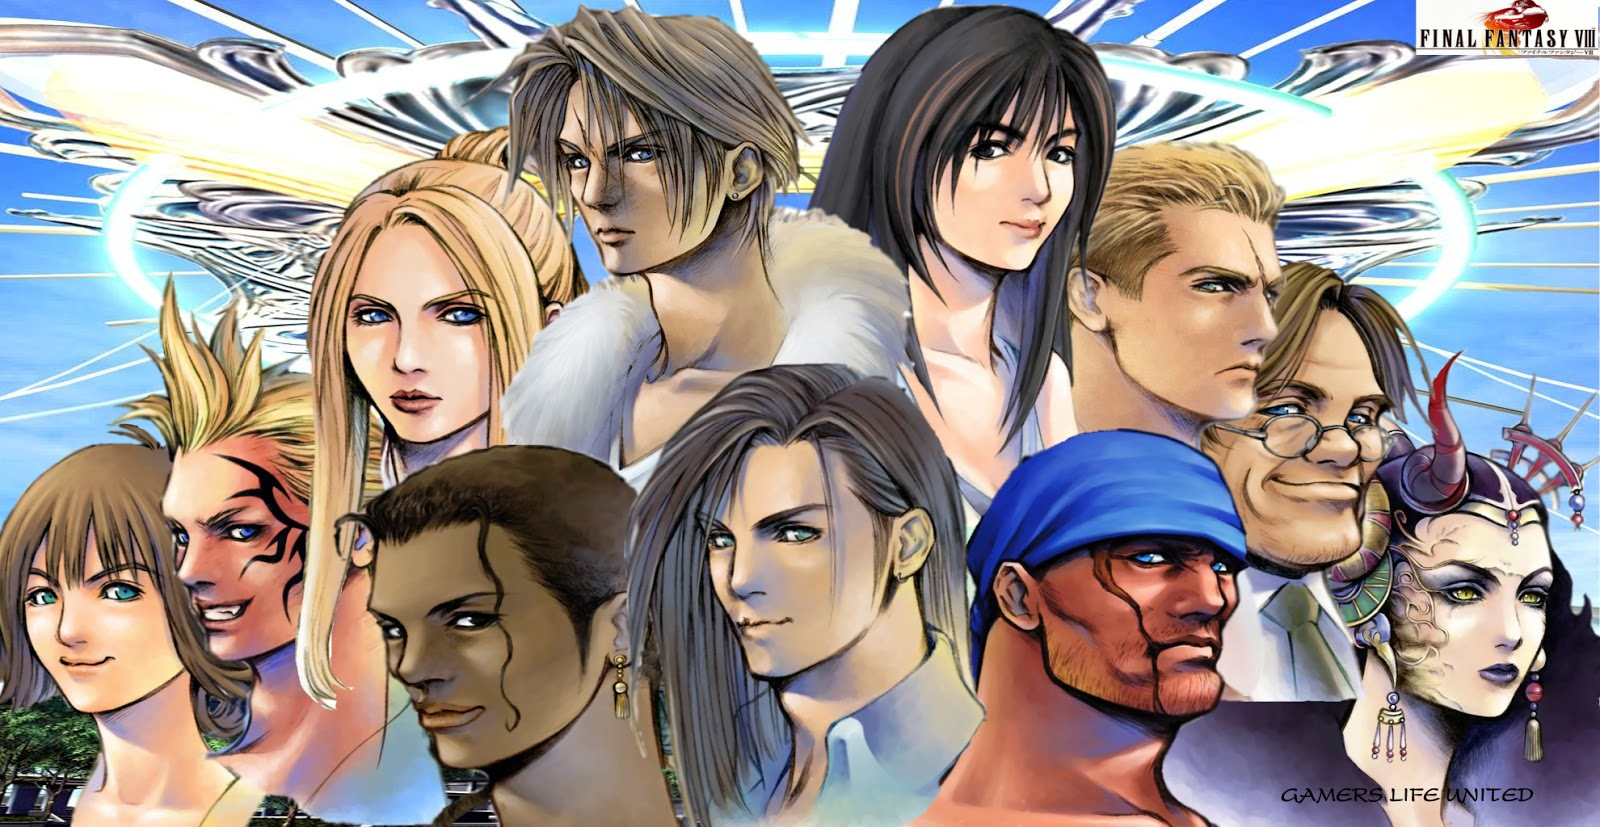 http://1.bp.blogspot.com/-q98zu9vFgl0/UPugRs0mZ2I/AAAAAAAAGhE/wvITSjgvWMg/s1600/final+fantasy+8+wallpaper.jpg